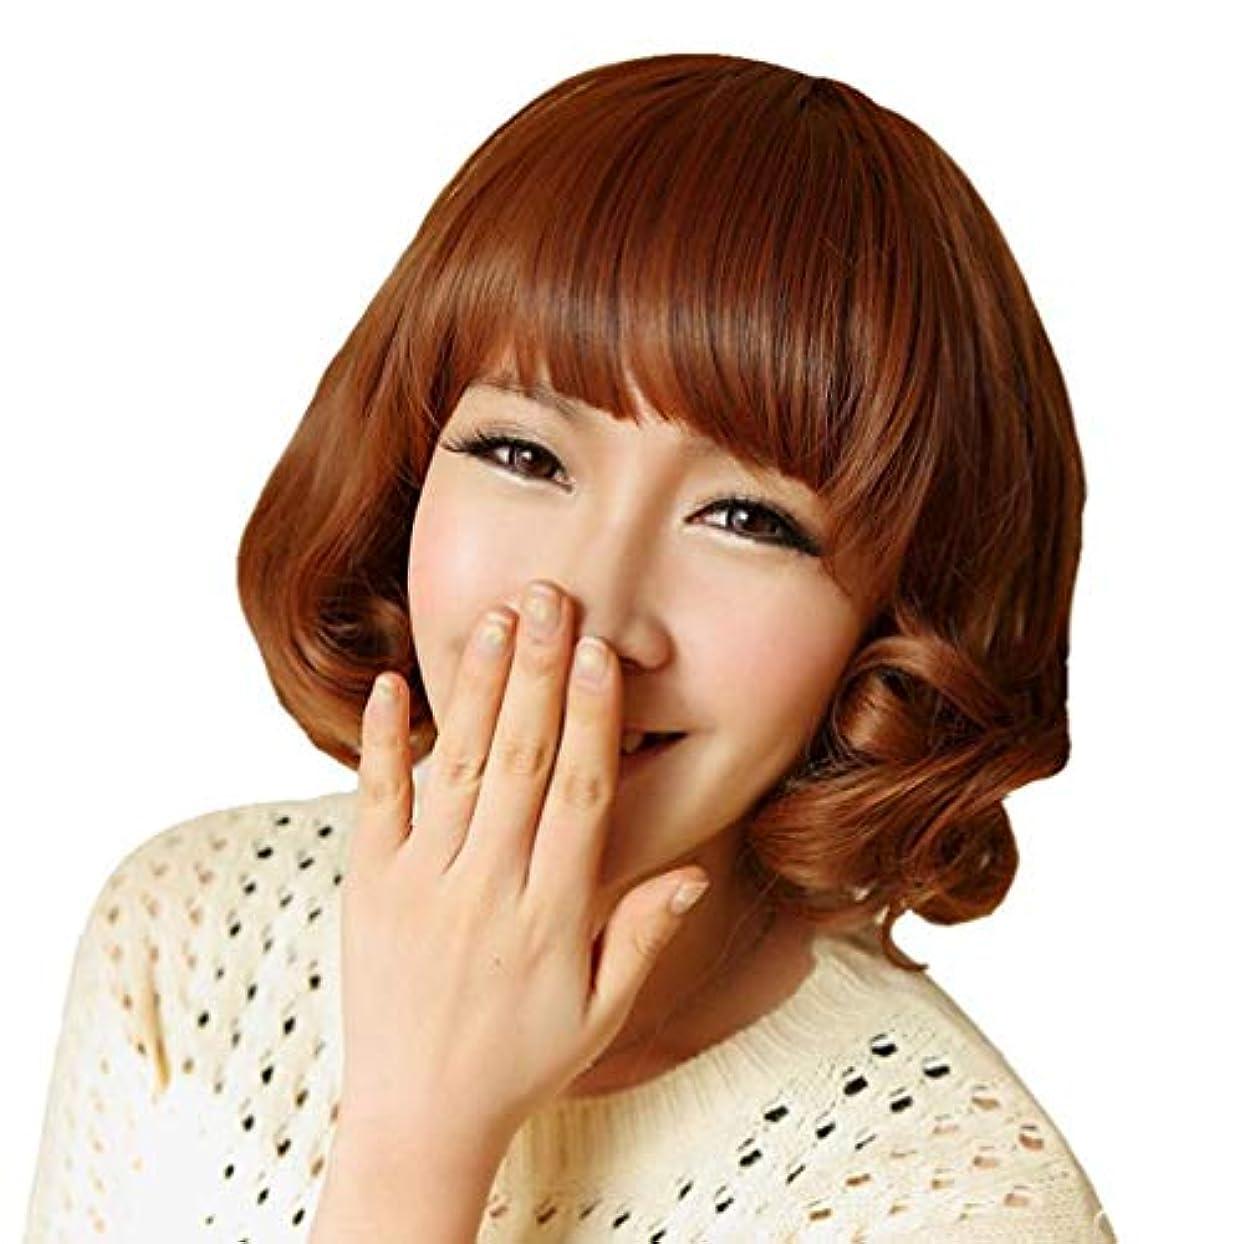 スイス人敵対的調整かつら女性ショートヘアボボヘッド空気前髪現実的な髪型 LH2206 (画像の色)